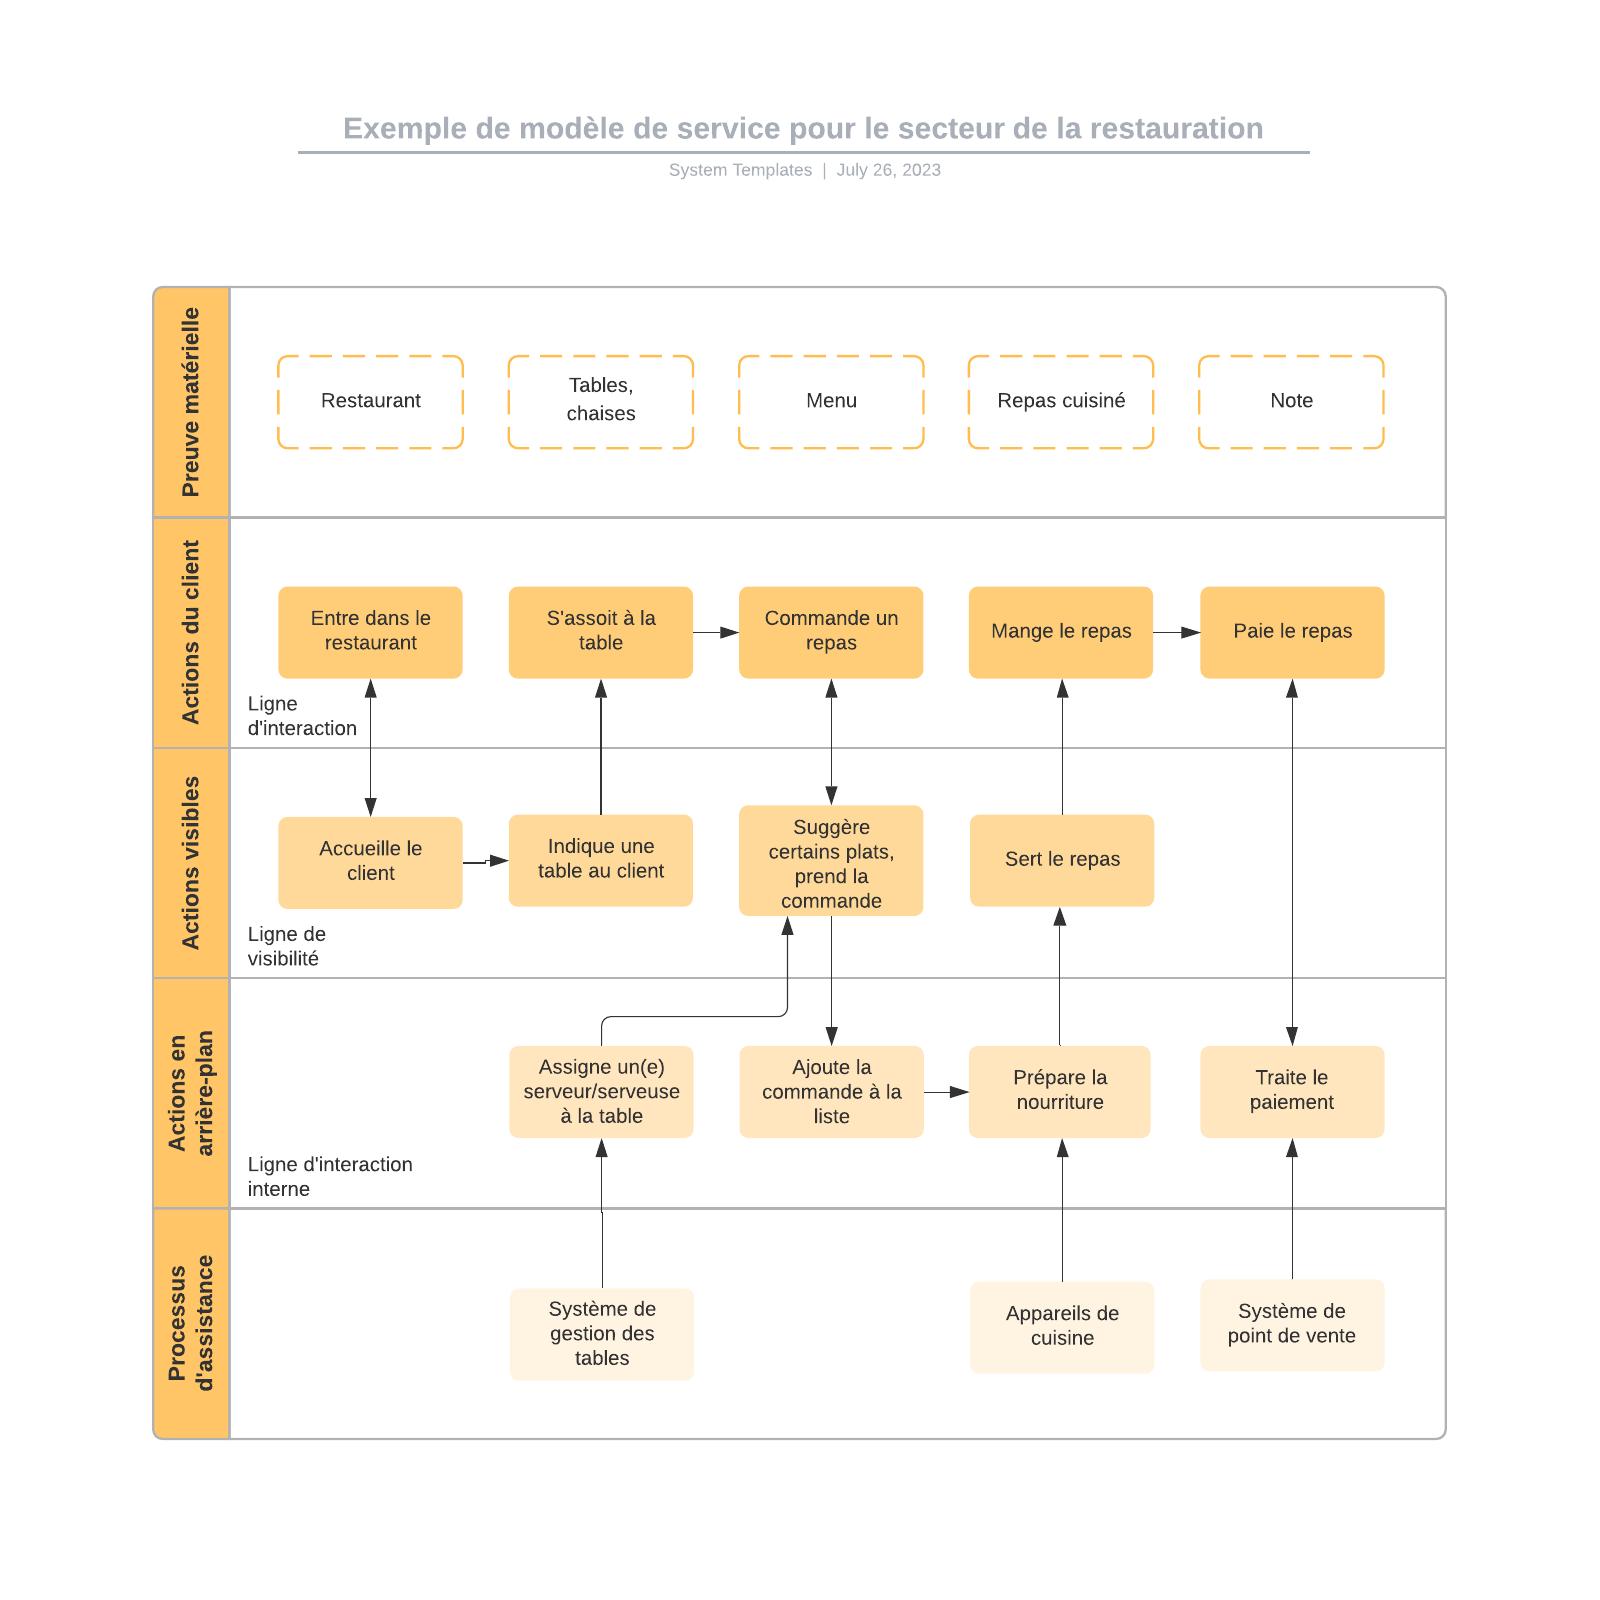 exemple de modèle de service pour le secteur de la restauration